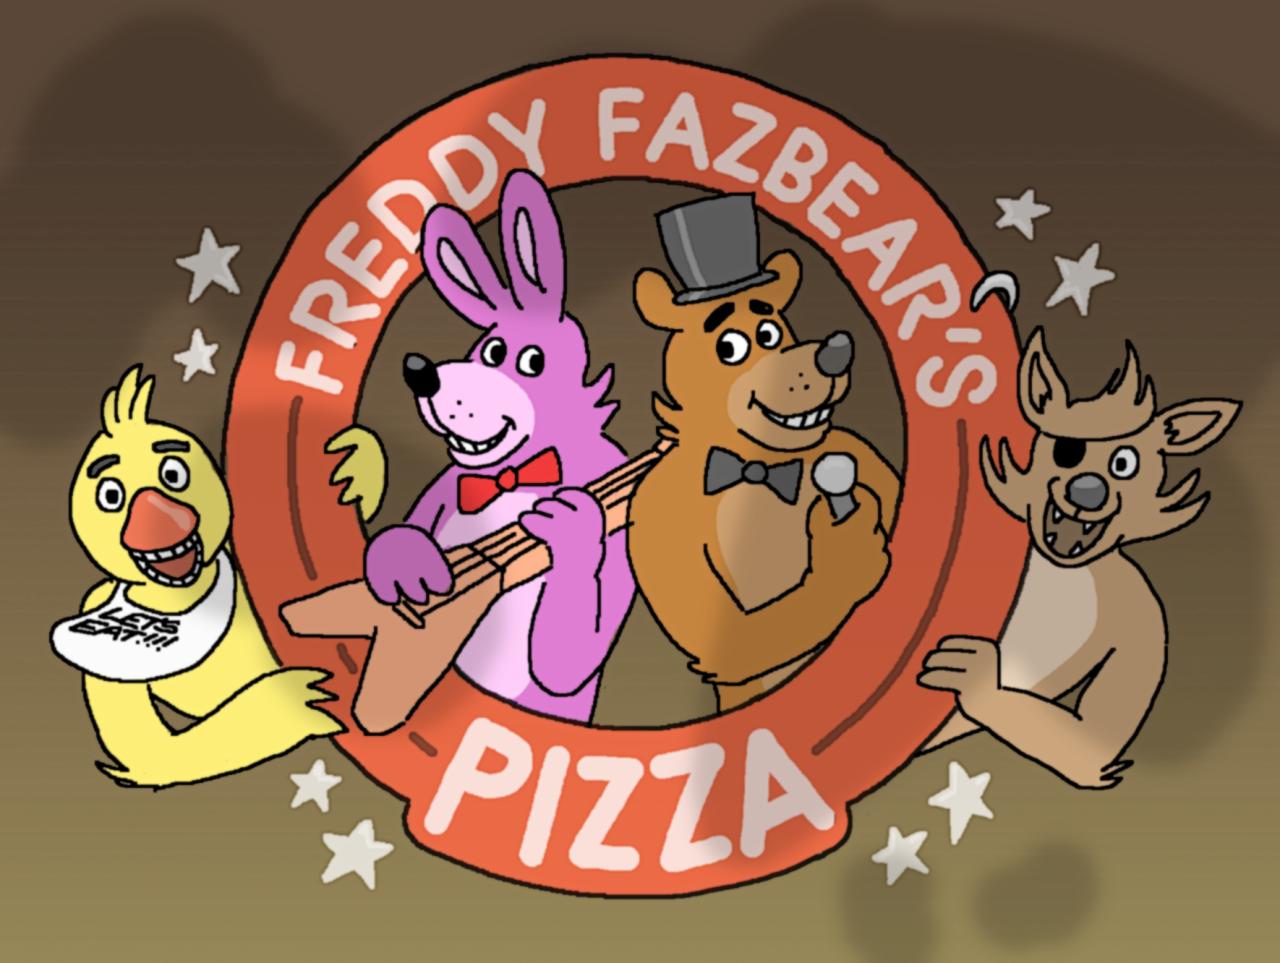 Freddy fazbear s pizza by redacteur